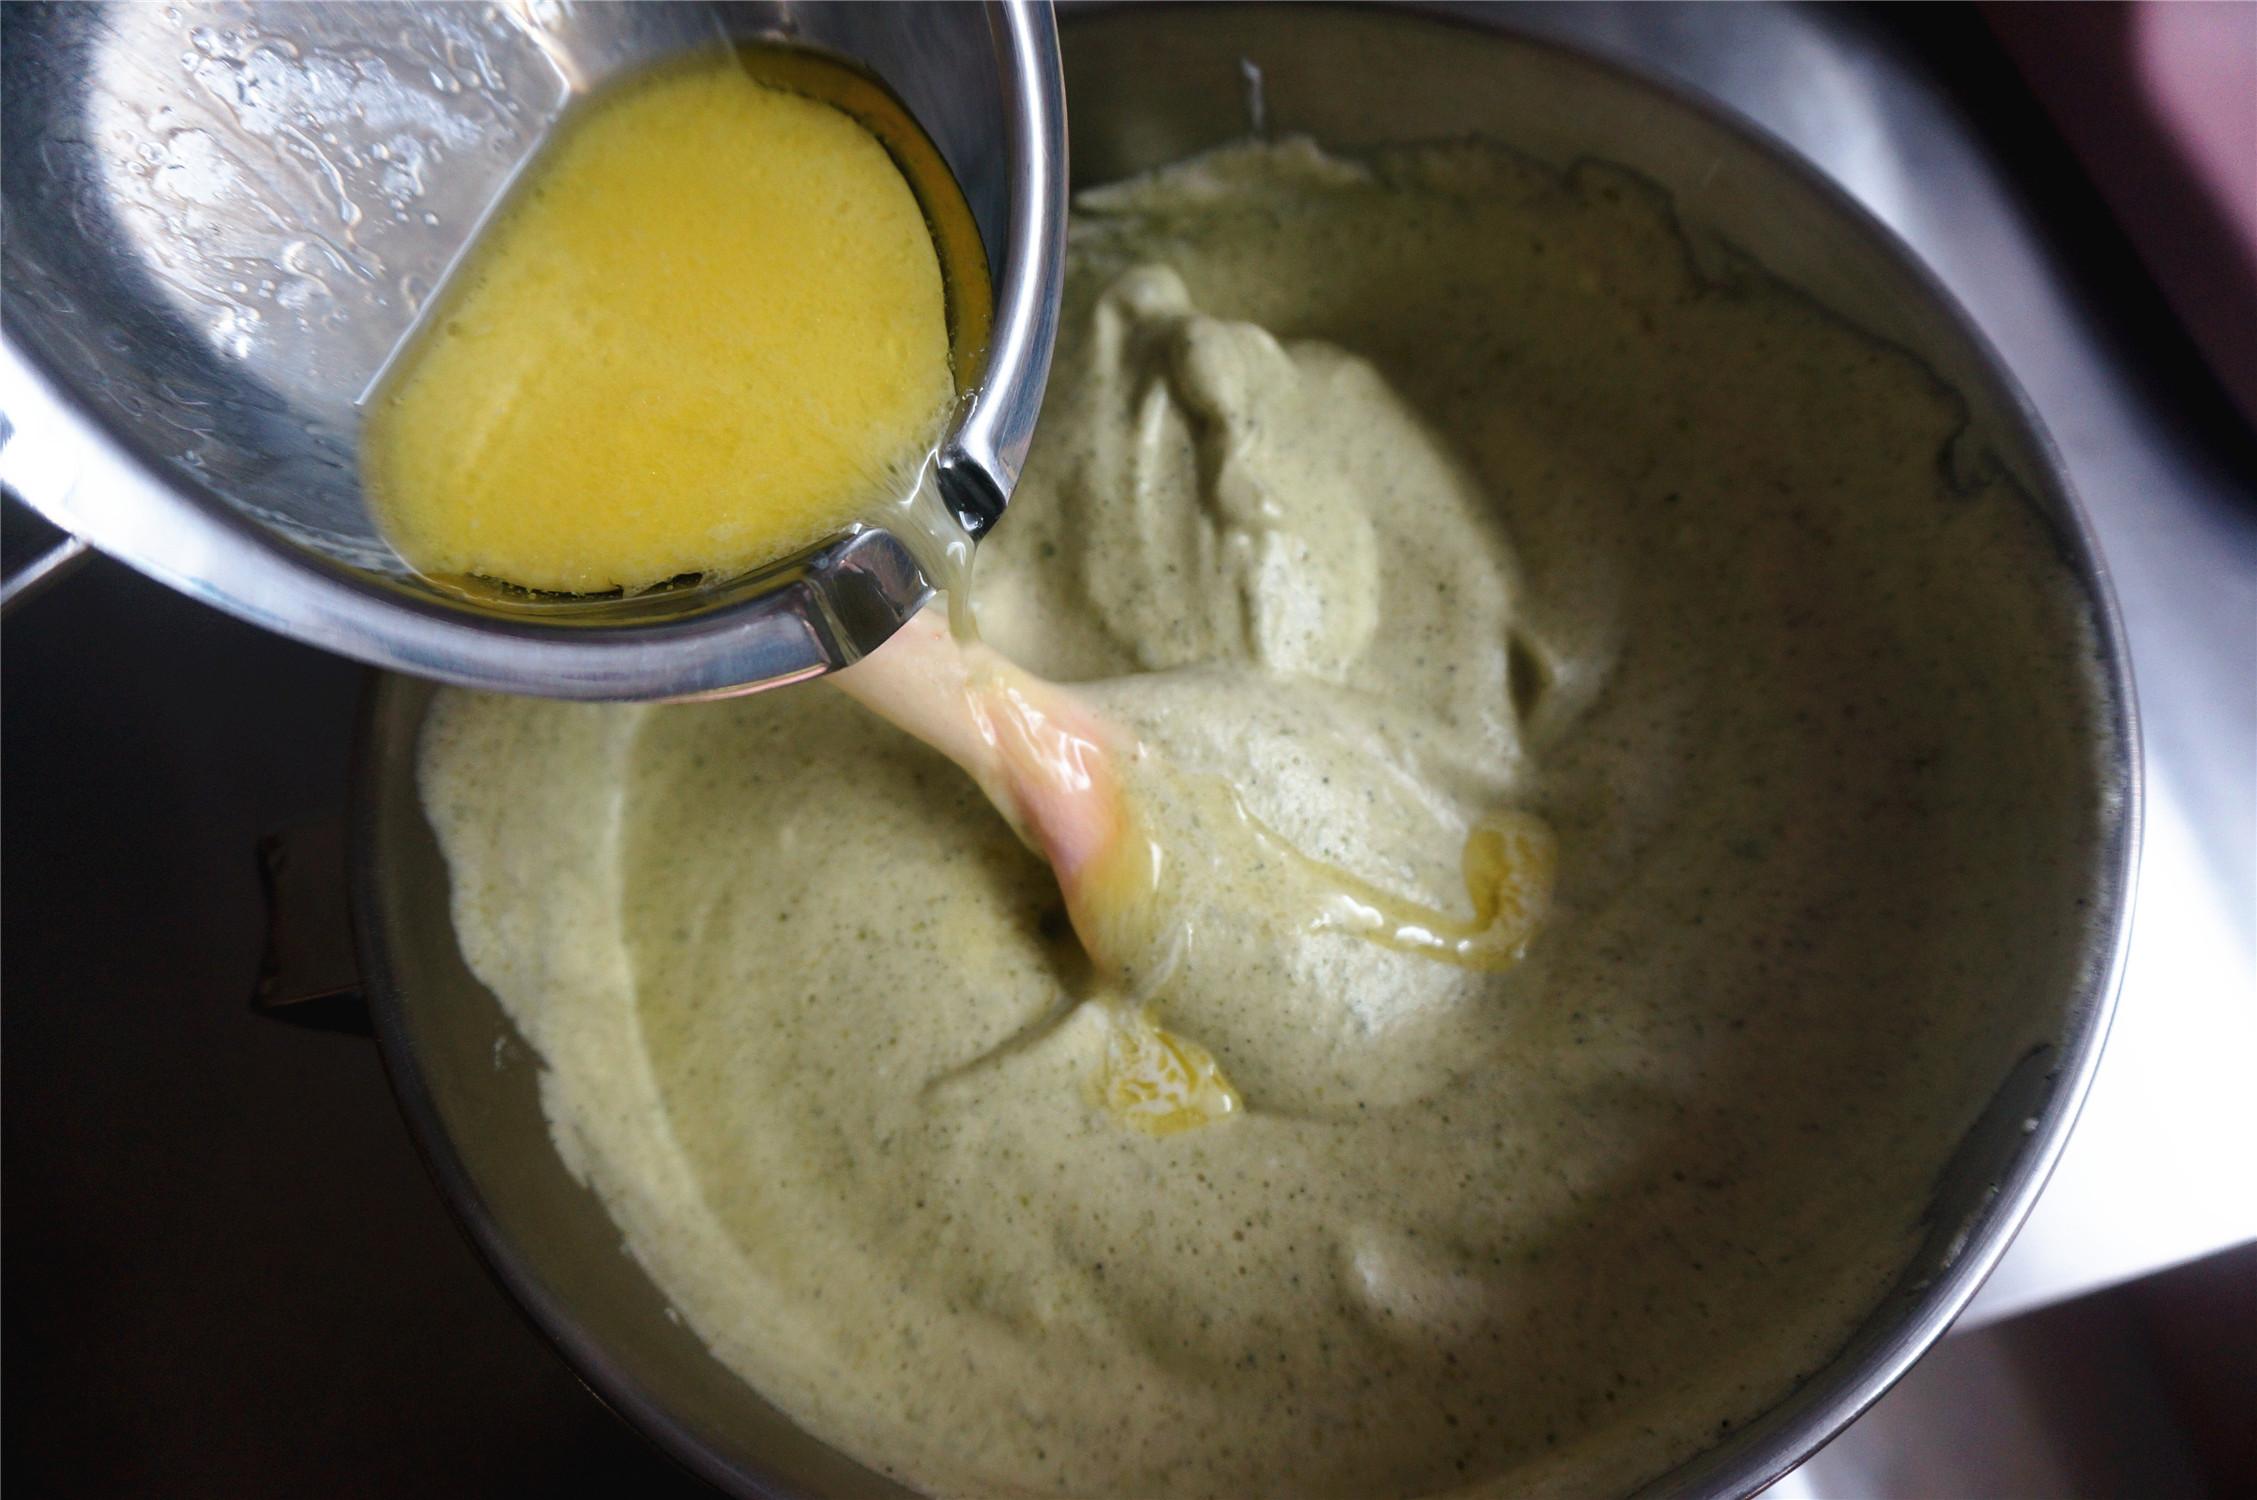 丸久小山园名物蛋糕卷--抹茶,将牛奶黄油沿着橡皮刮刀加入到面糊中,翻拌混合均匀。</p> <p>